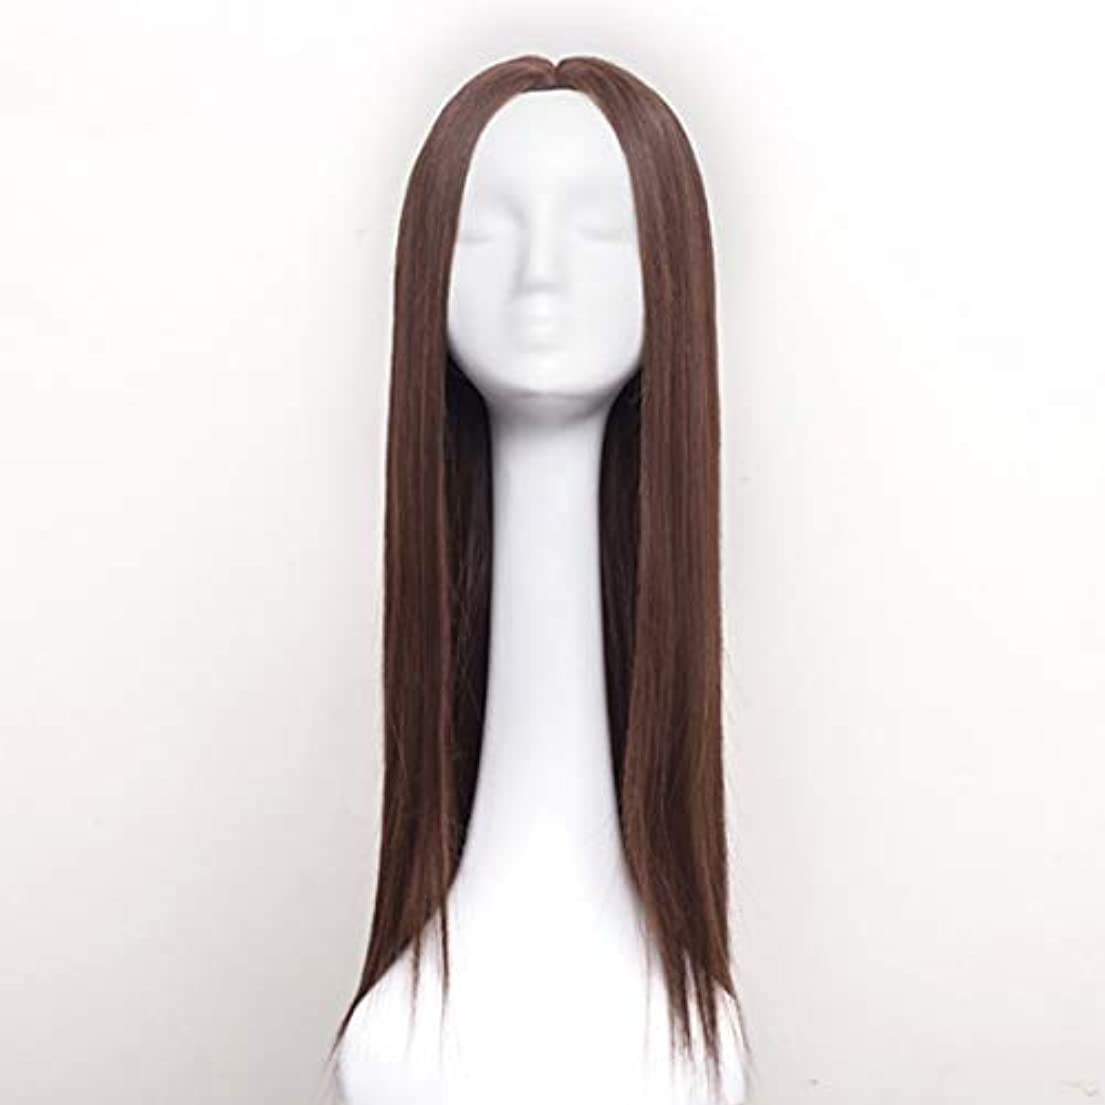 ミシン記事誤解させるKerwinner レディースウィッグロングストレートヘアウィッグ合成耐熱女性ヘアスタイルカスタムコスプレパーティーウィッグ